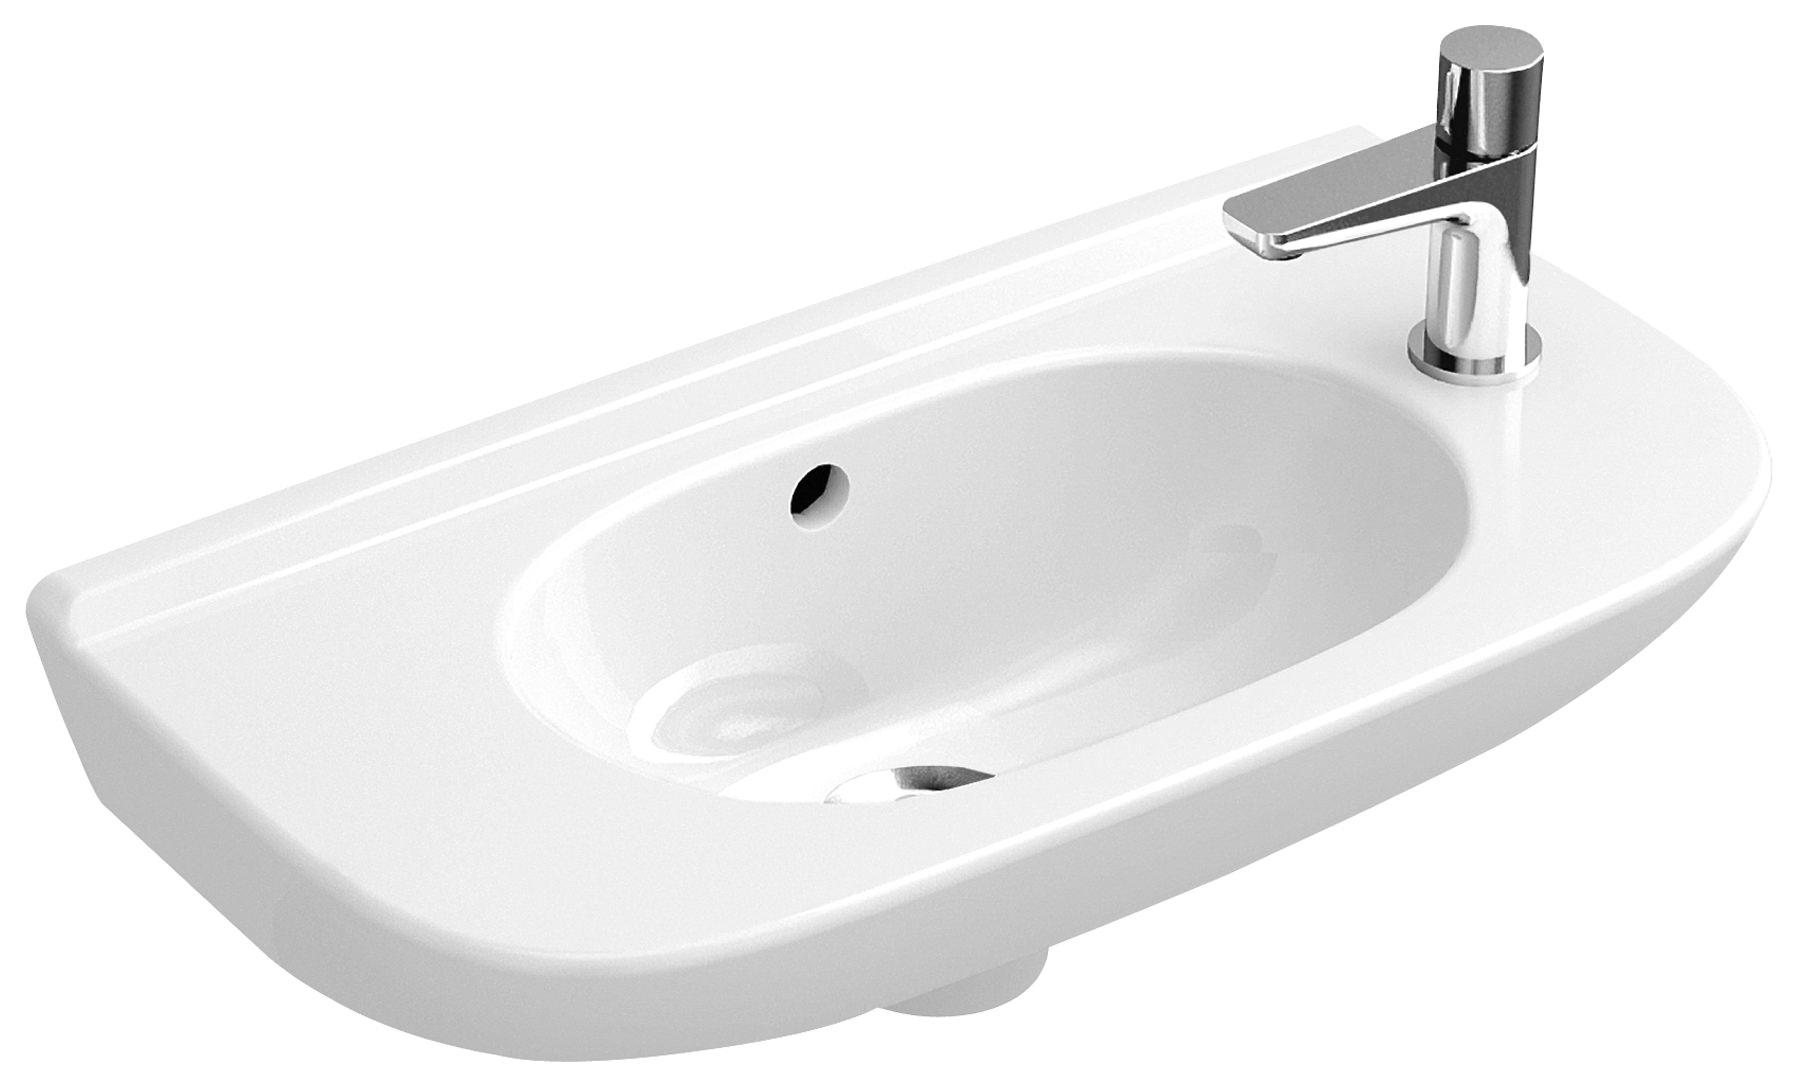 villeroy boch o novo handwaschbecken compact 500 x 250 mm ohne hahnloch vorgestochen mit. Black Bedroom Furniture Sets. Home Design Ideas